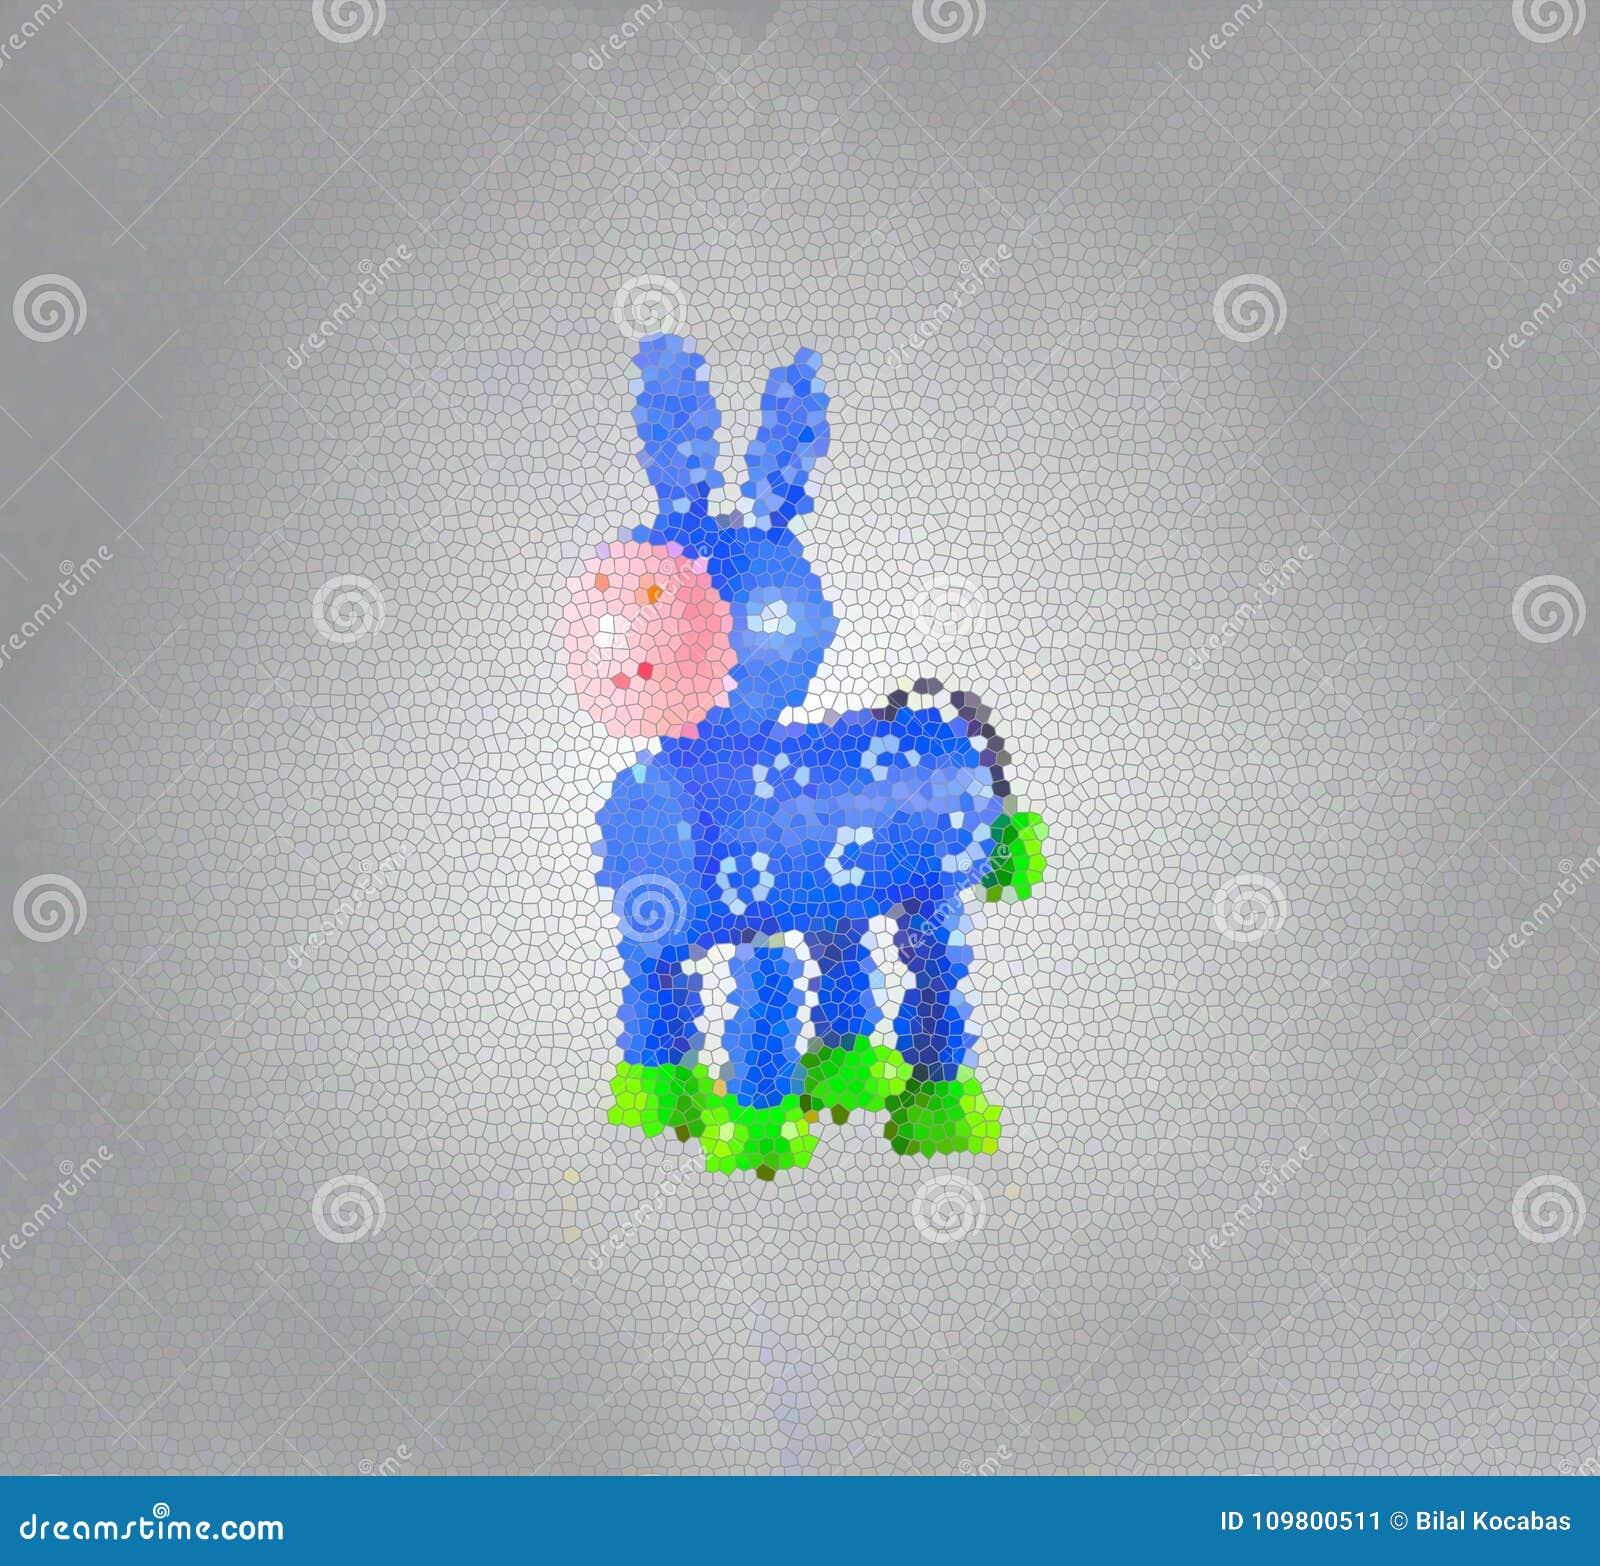 一头蓝色驴的例证